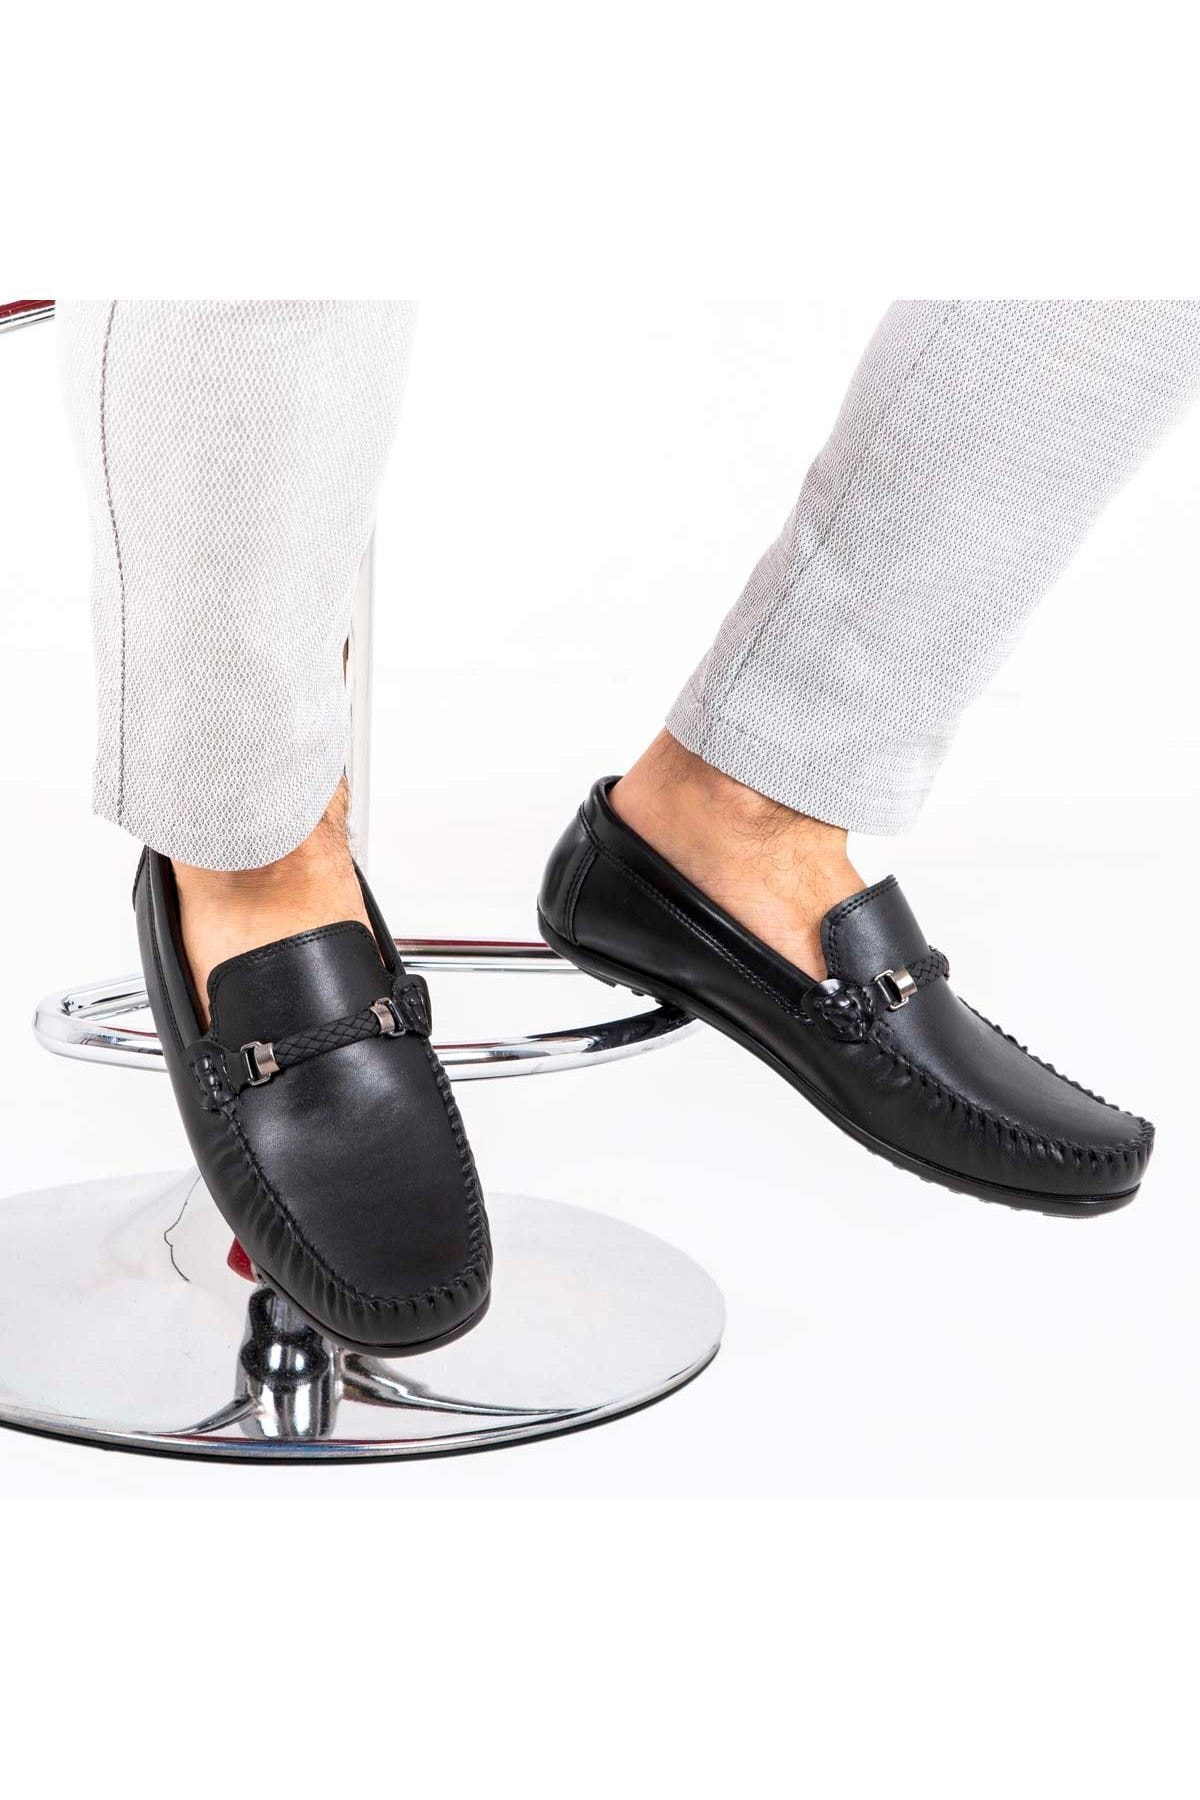 Milano Brava Ortopedik Loafer Erkek Ayakkabı Mln1505 Siyah 1